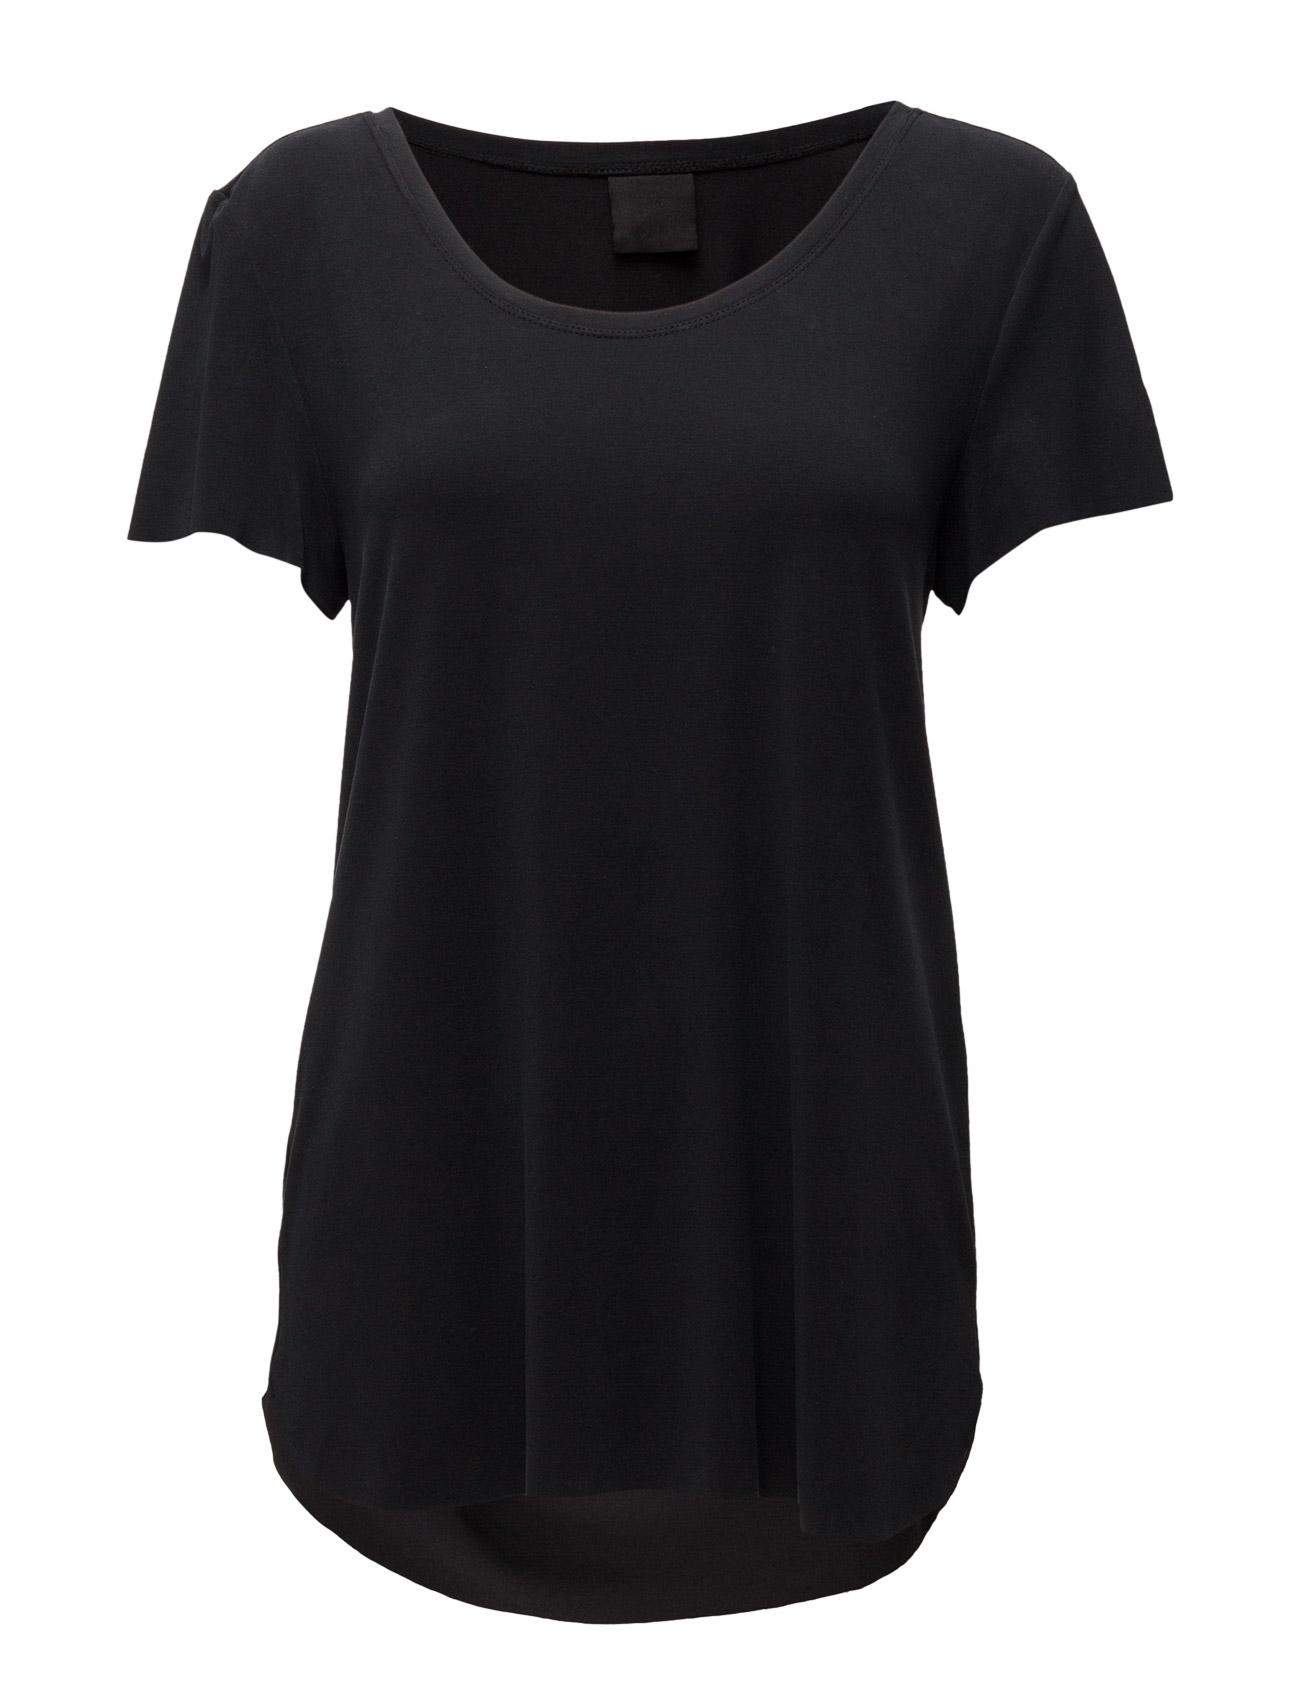 Pacey T-Shirt Black Lily Kortærmede til Kvinder i Sort